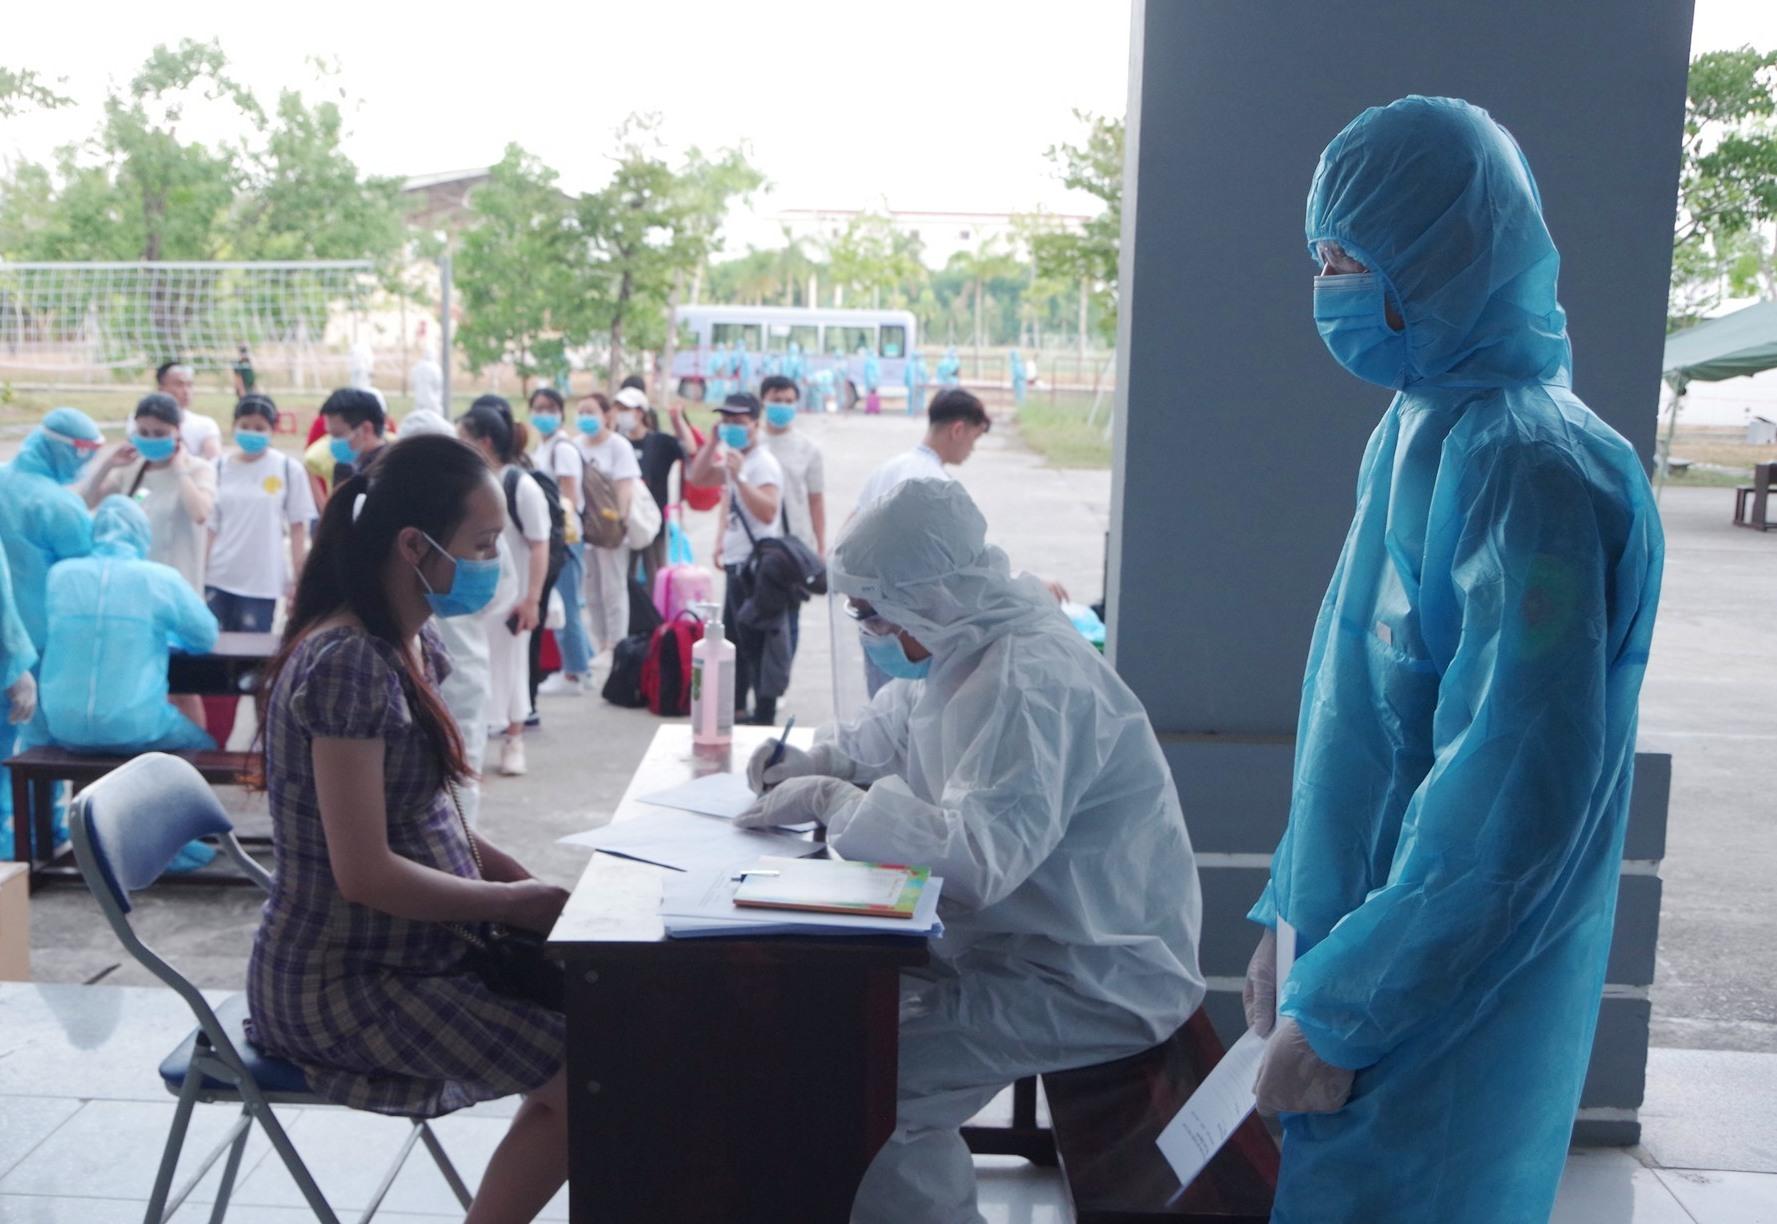 Qua thực hiện khai báo y tế và đo thân nhiệt, 2 trường hợp có biểu hiện sốt đã được cách ly riêng. Ảnh: T.P